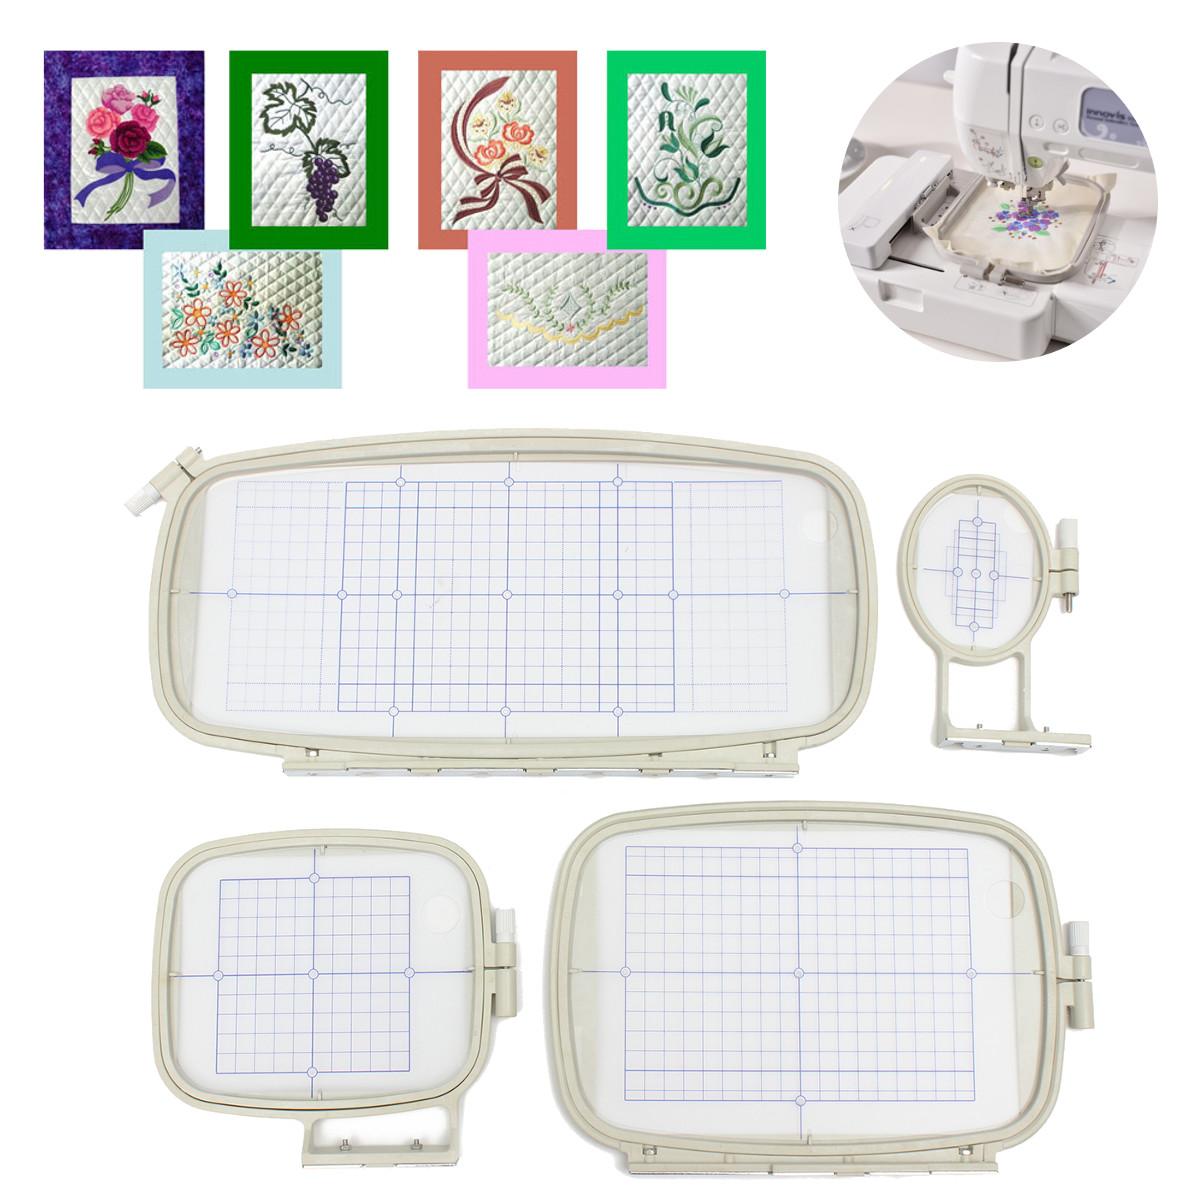 Embroidery hoop set (4 IN 1)sewing hoop frame brother PE-750D 780D PE-770 1250D